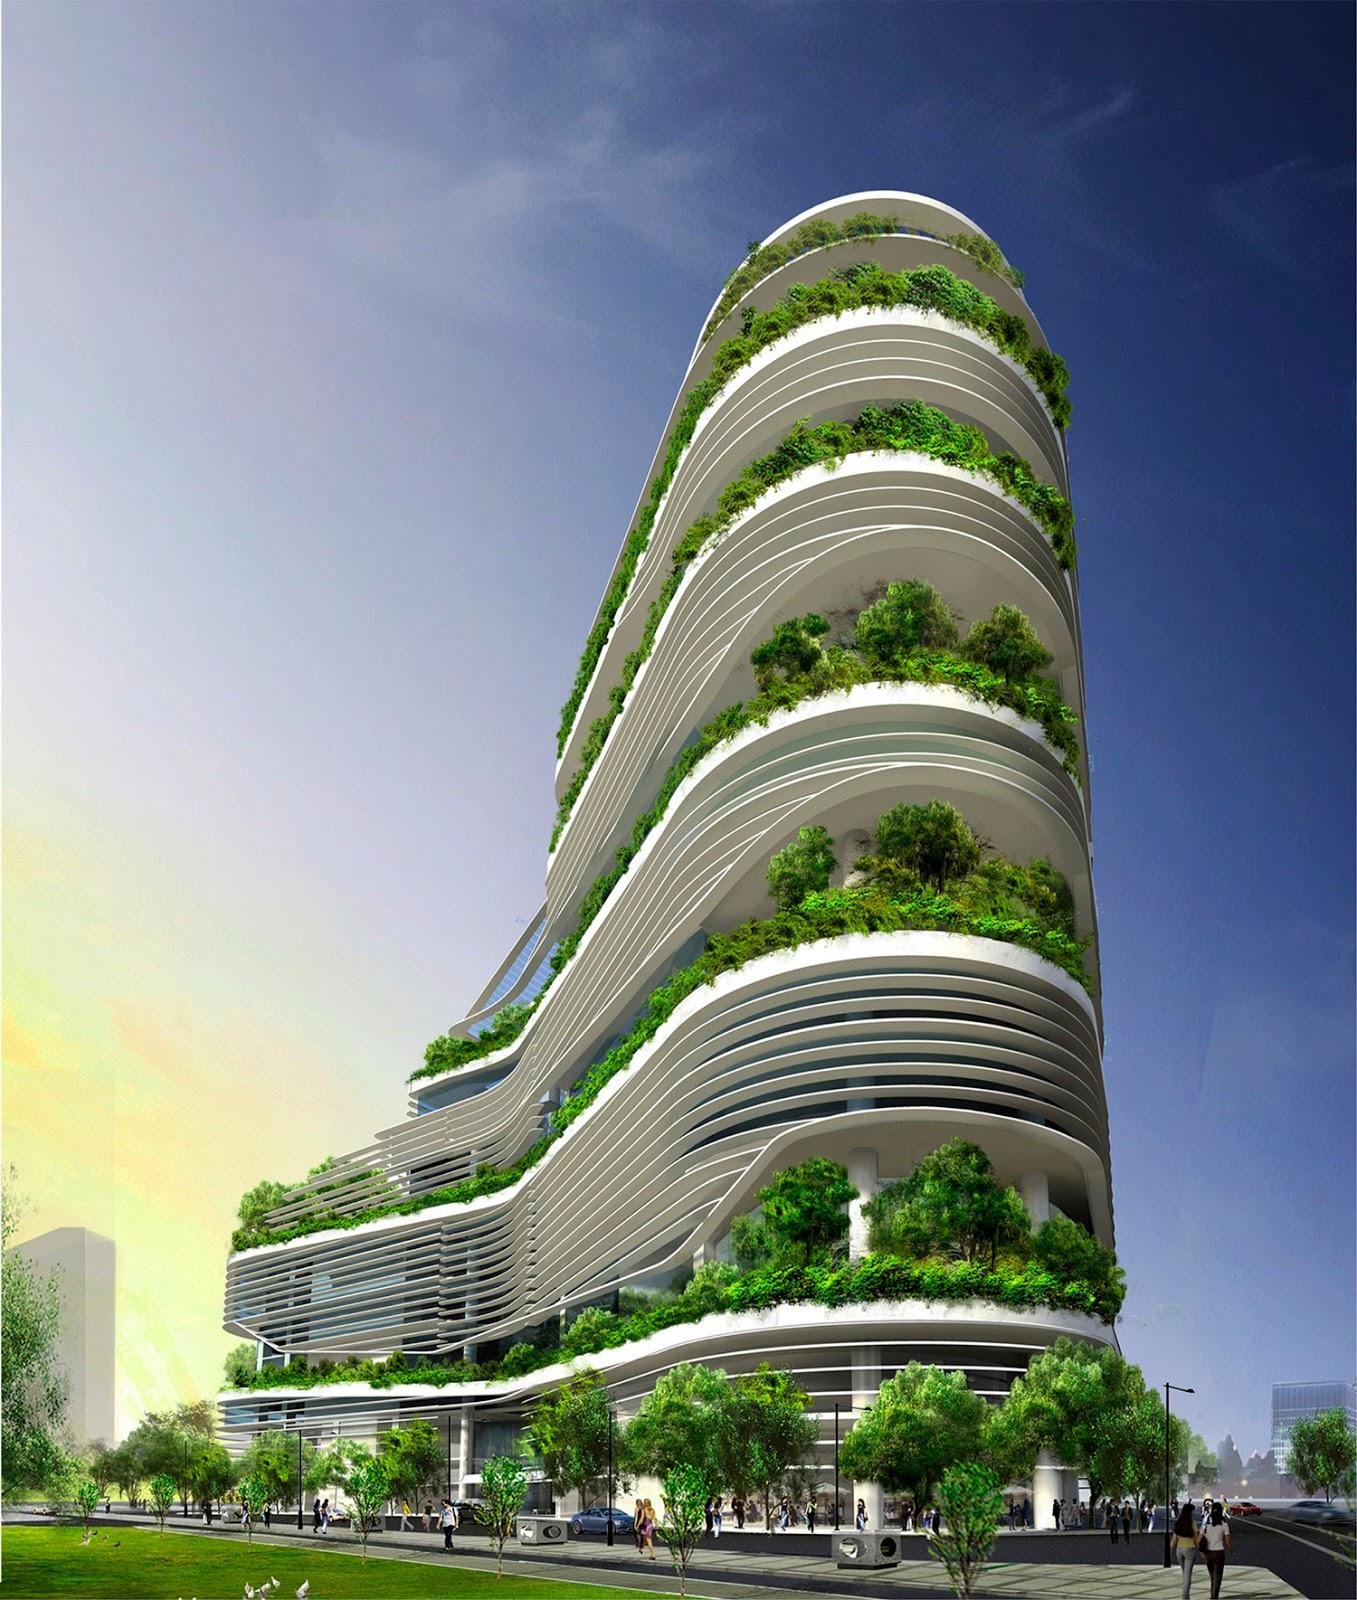 Ken yeang debemos repensar nuestras ciudades ecosiglos for Design eco casa verde